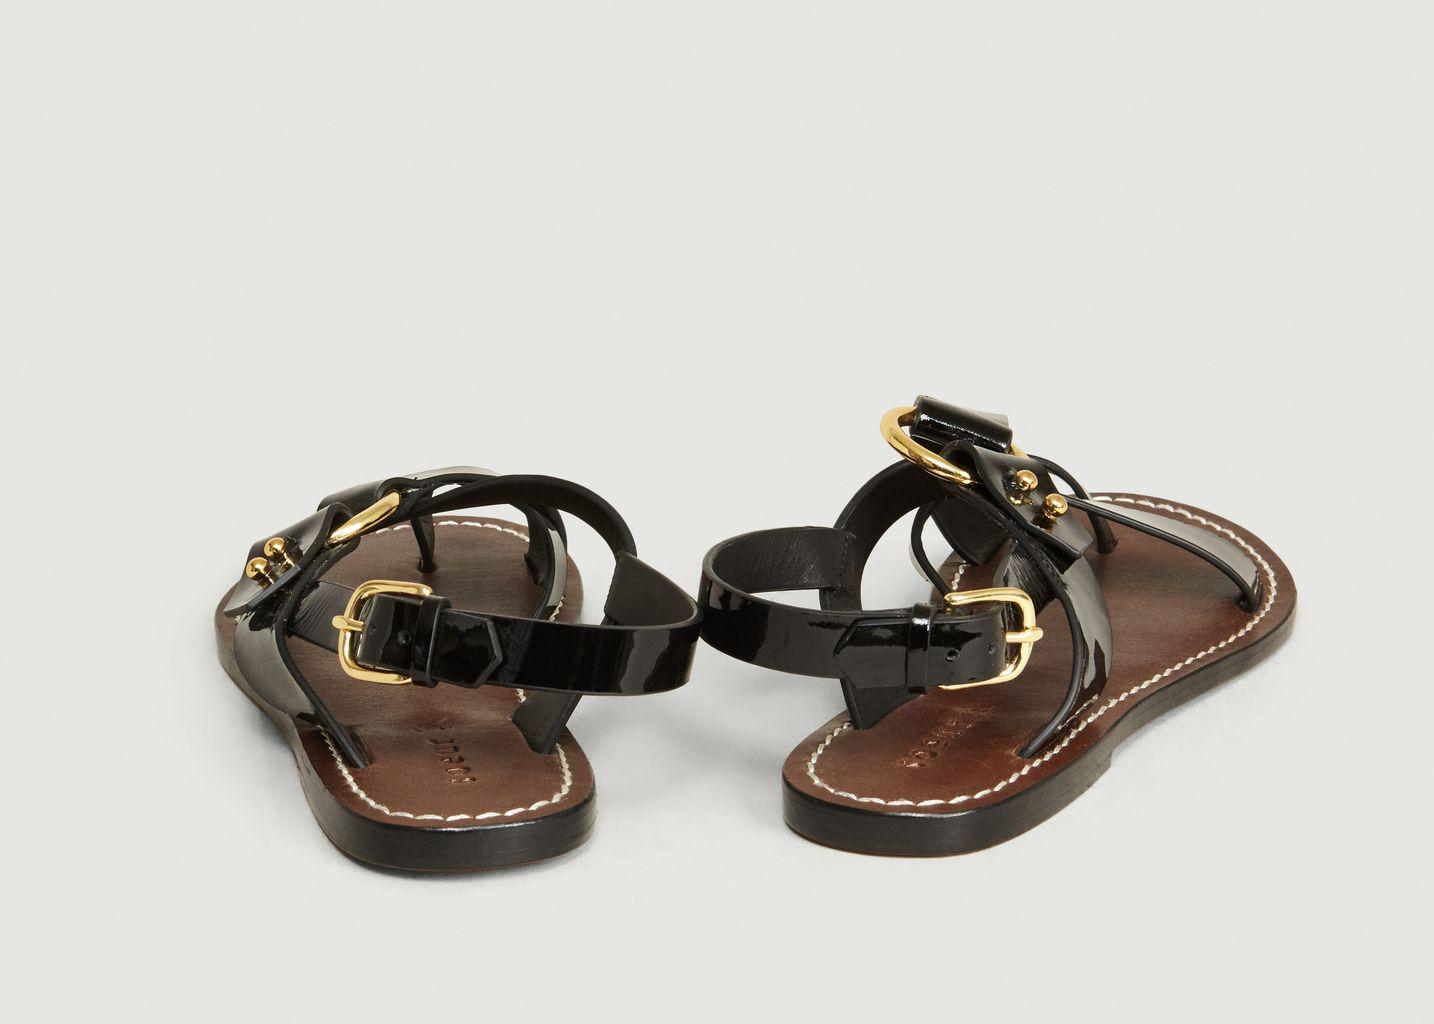 Sandales Florence Cuir Verni - Soeur